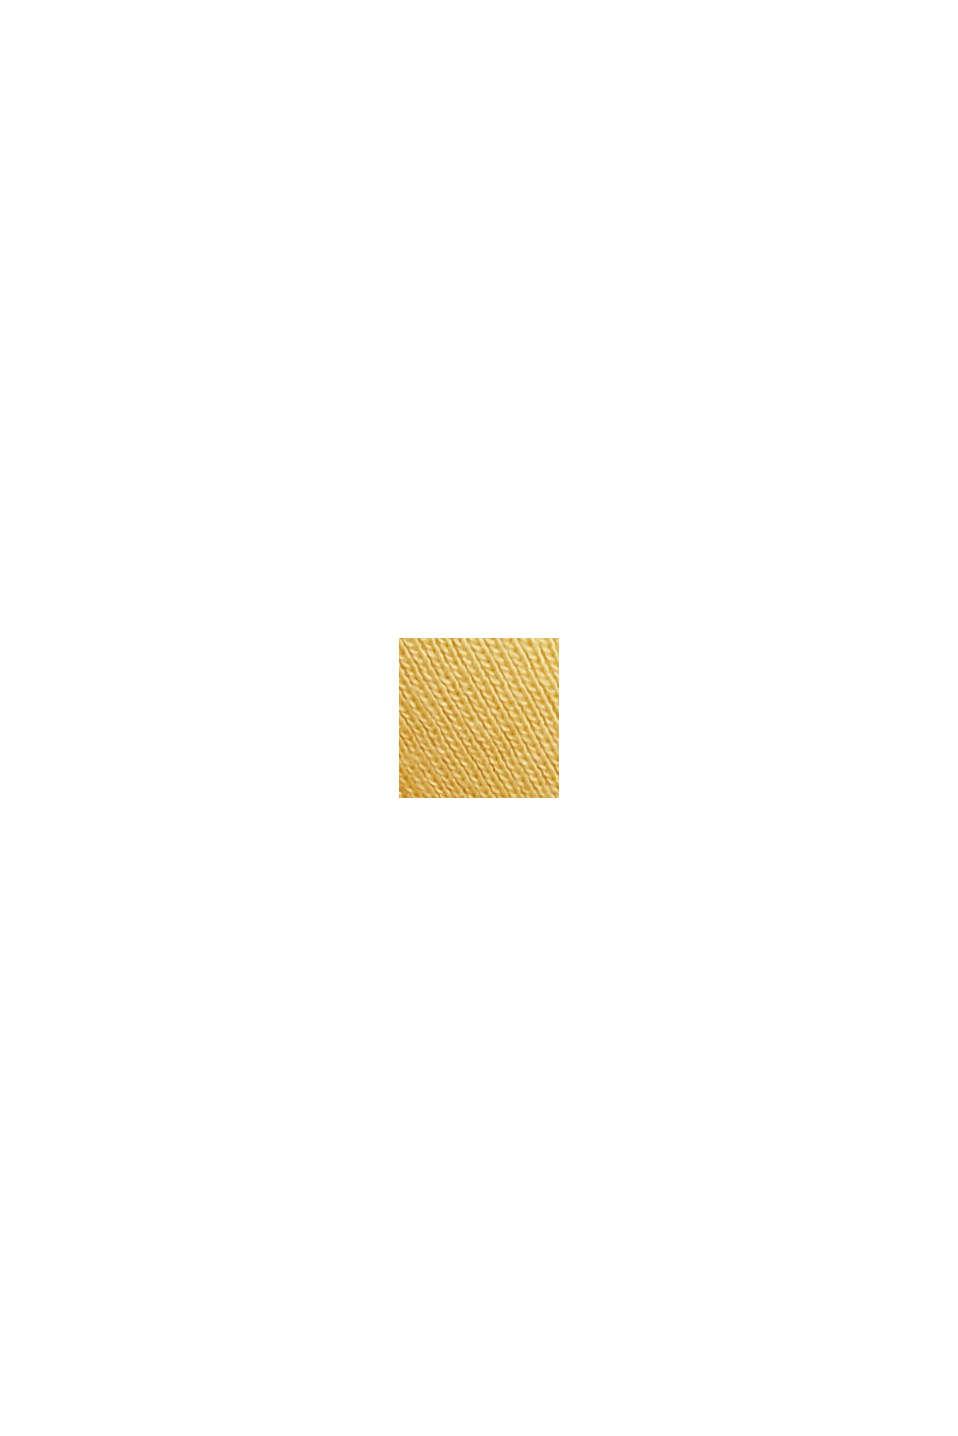 Maglia a manica lunga CURVY con cotone biologico/ECOVERO™, SUNFLOWER YELLOW, swatch